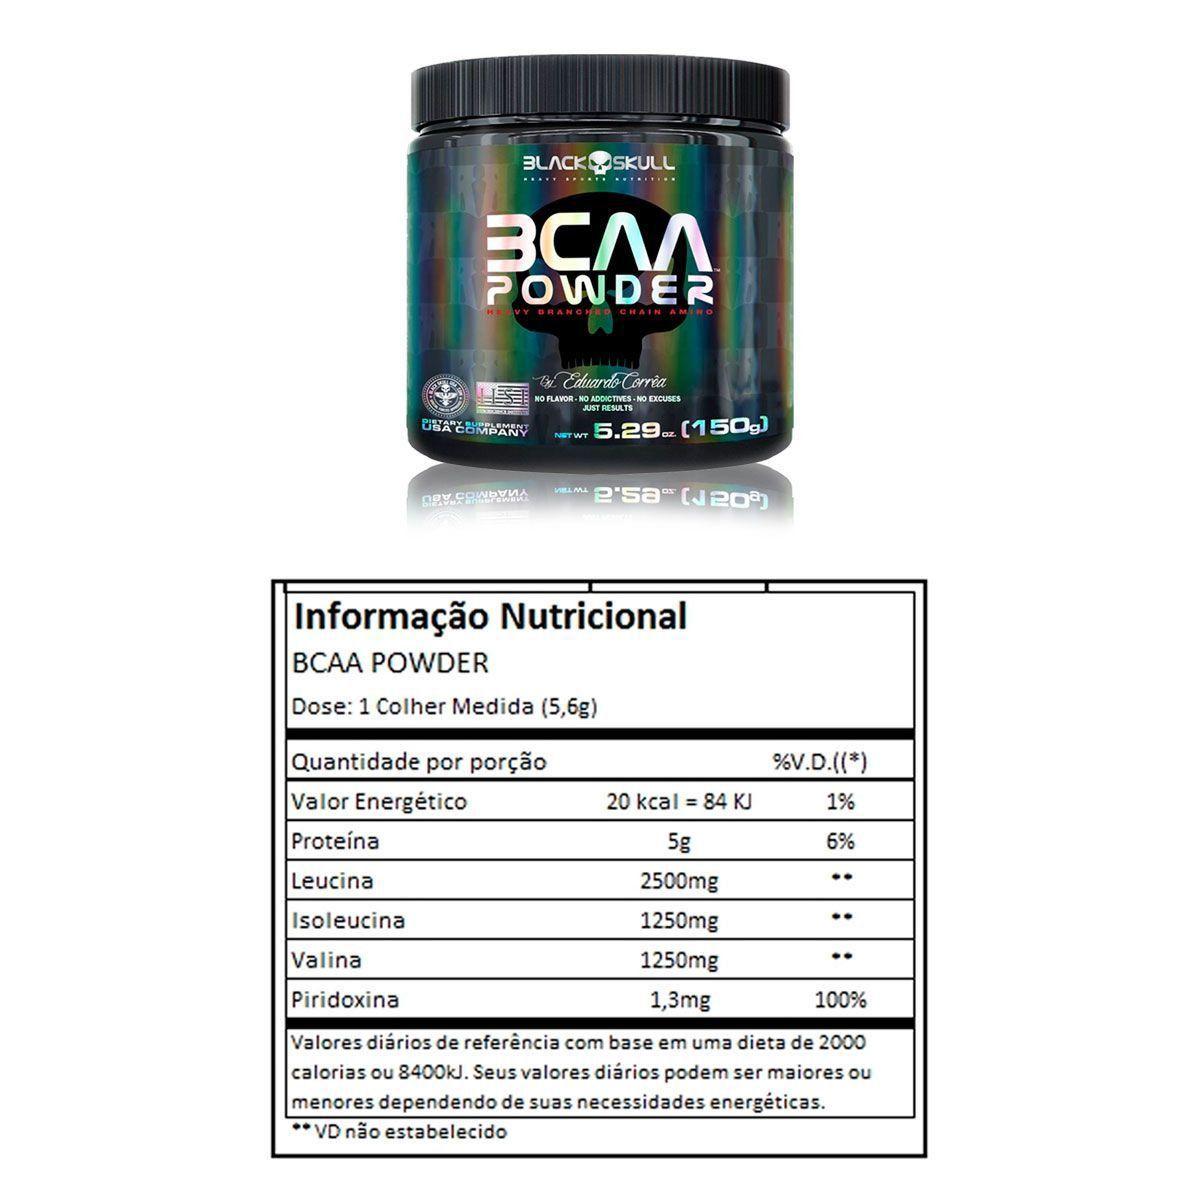 BCAA Powder 150g Black Skull  - Vitta Gold